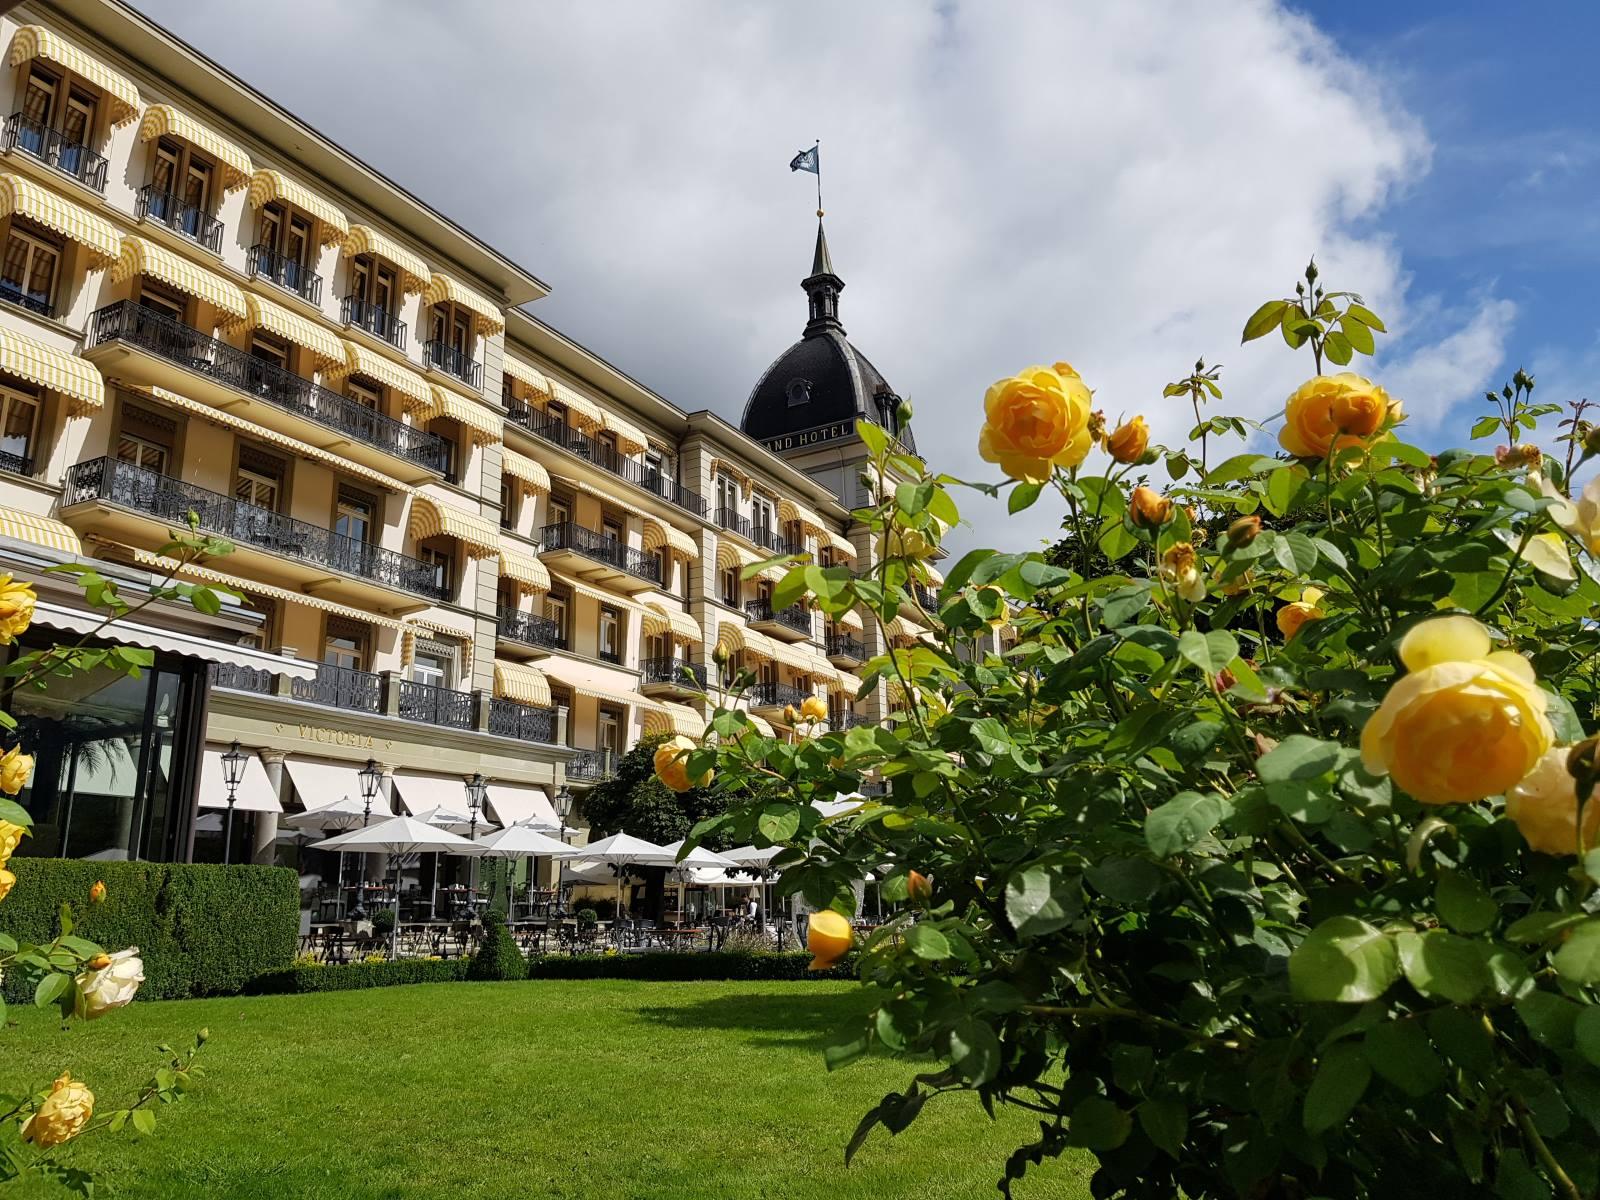 Victoria Jungfrau Grand Hotel & Spa - Seminarhotel im Berner Oberland